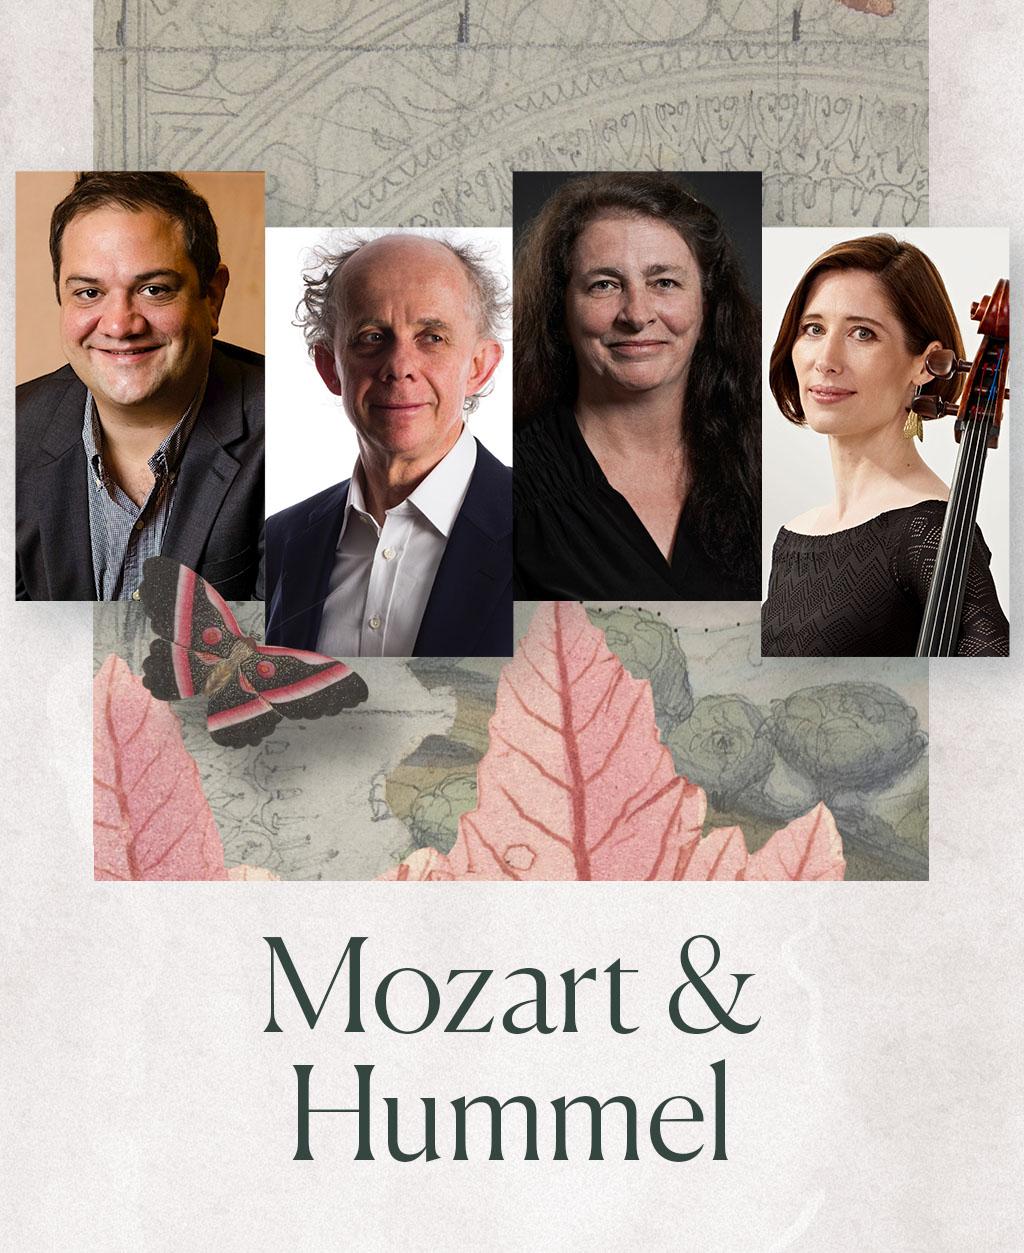 Mozart & Hummel